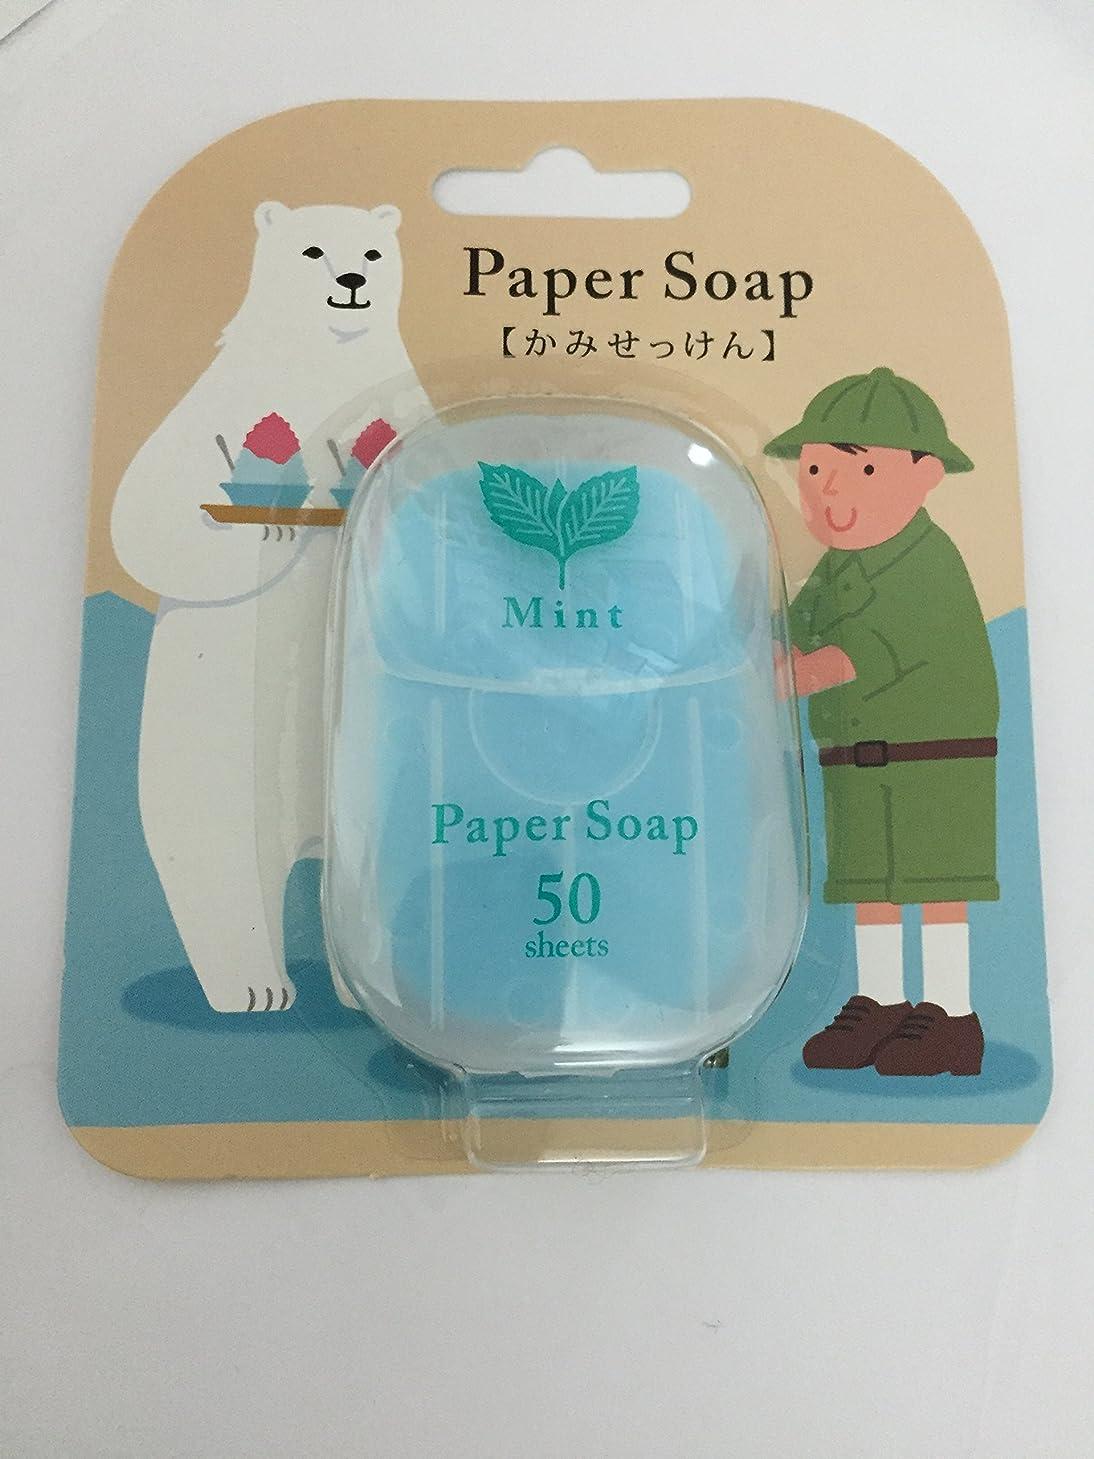 回路ストライク乱雑なペーパーソープ(かみせっけん) ミントの香り 新商品